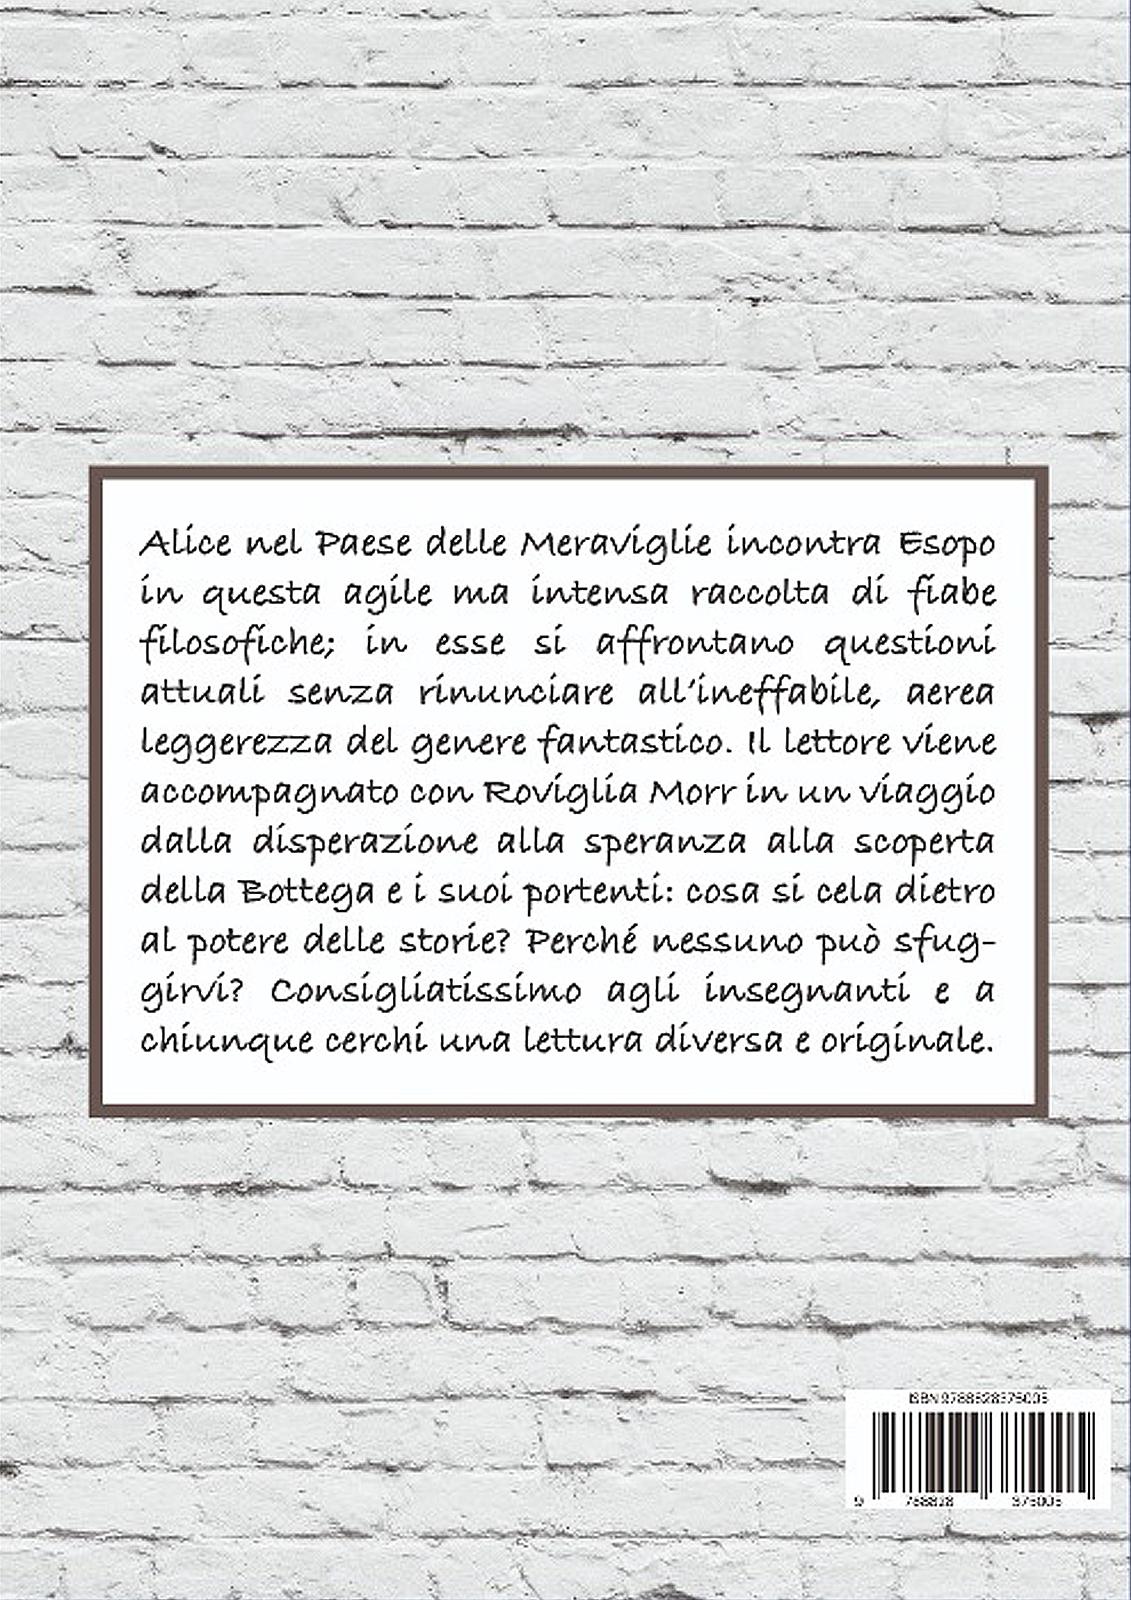 Gioia Colli - Roviglia Morr e la bottega dei racconti - Retro di copertina